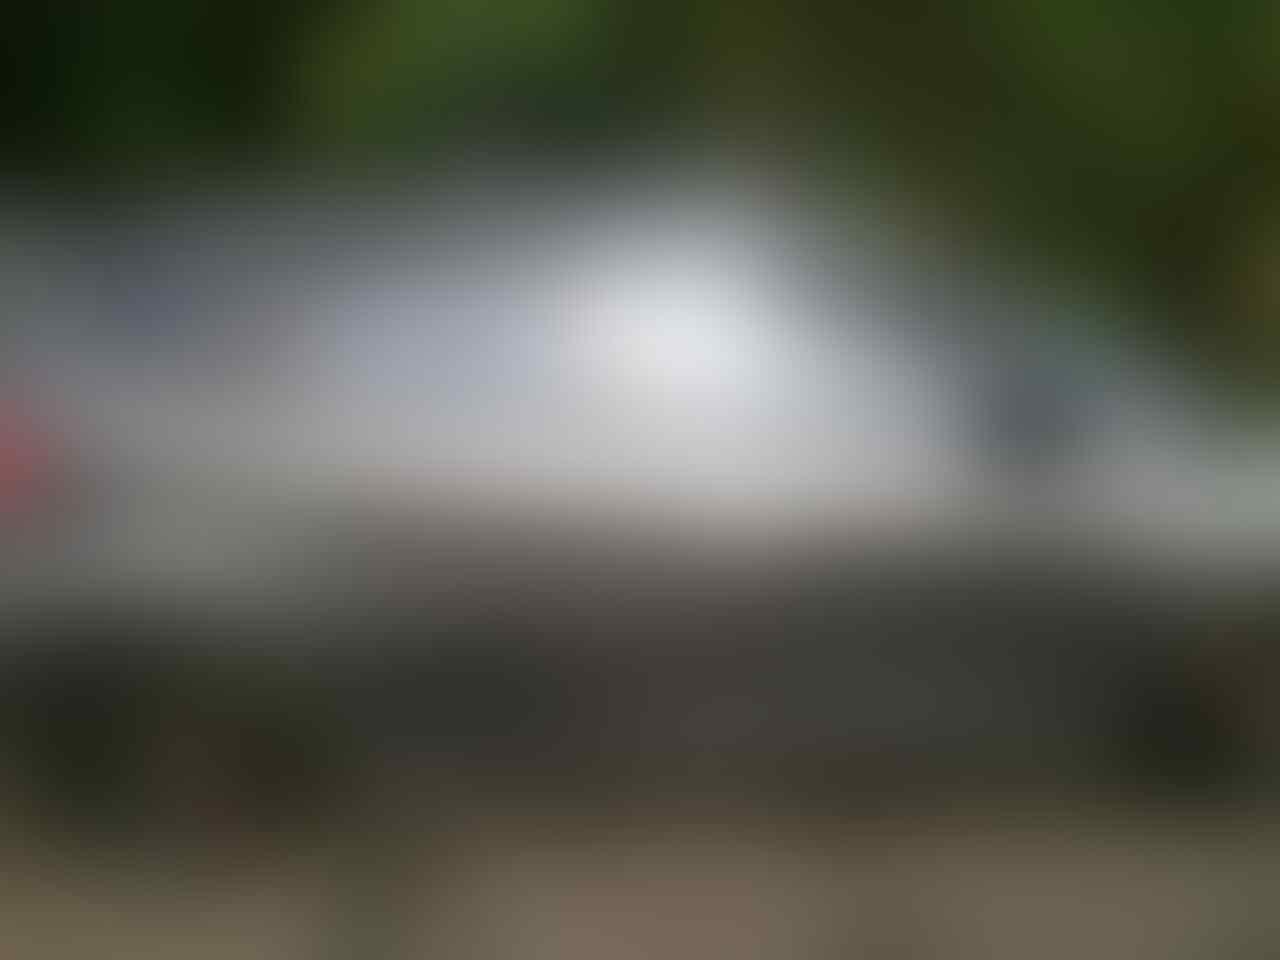 [WTS] Honda Jazz Type S Full Mugen (Exclude Velg) Tahun 2011